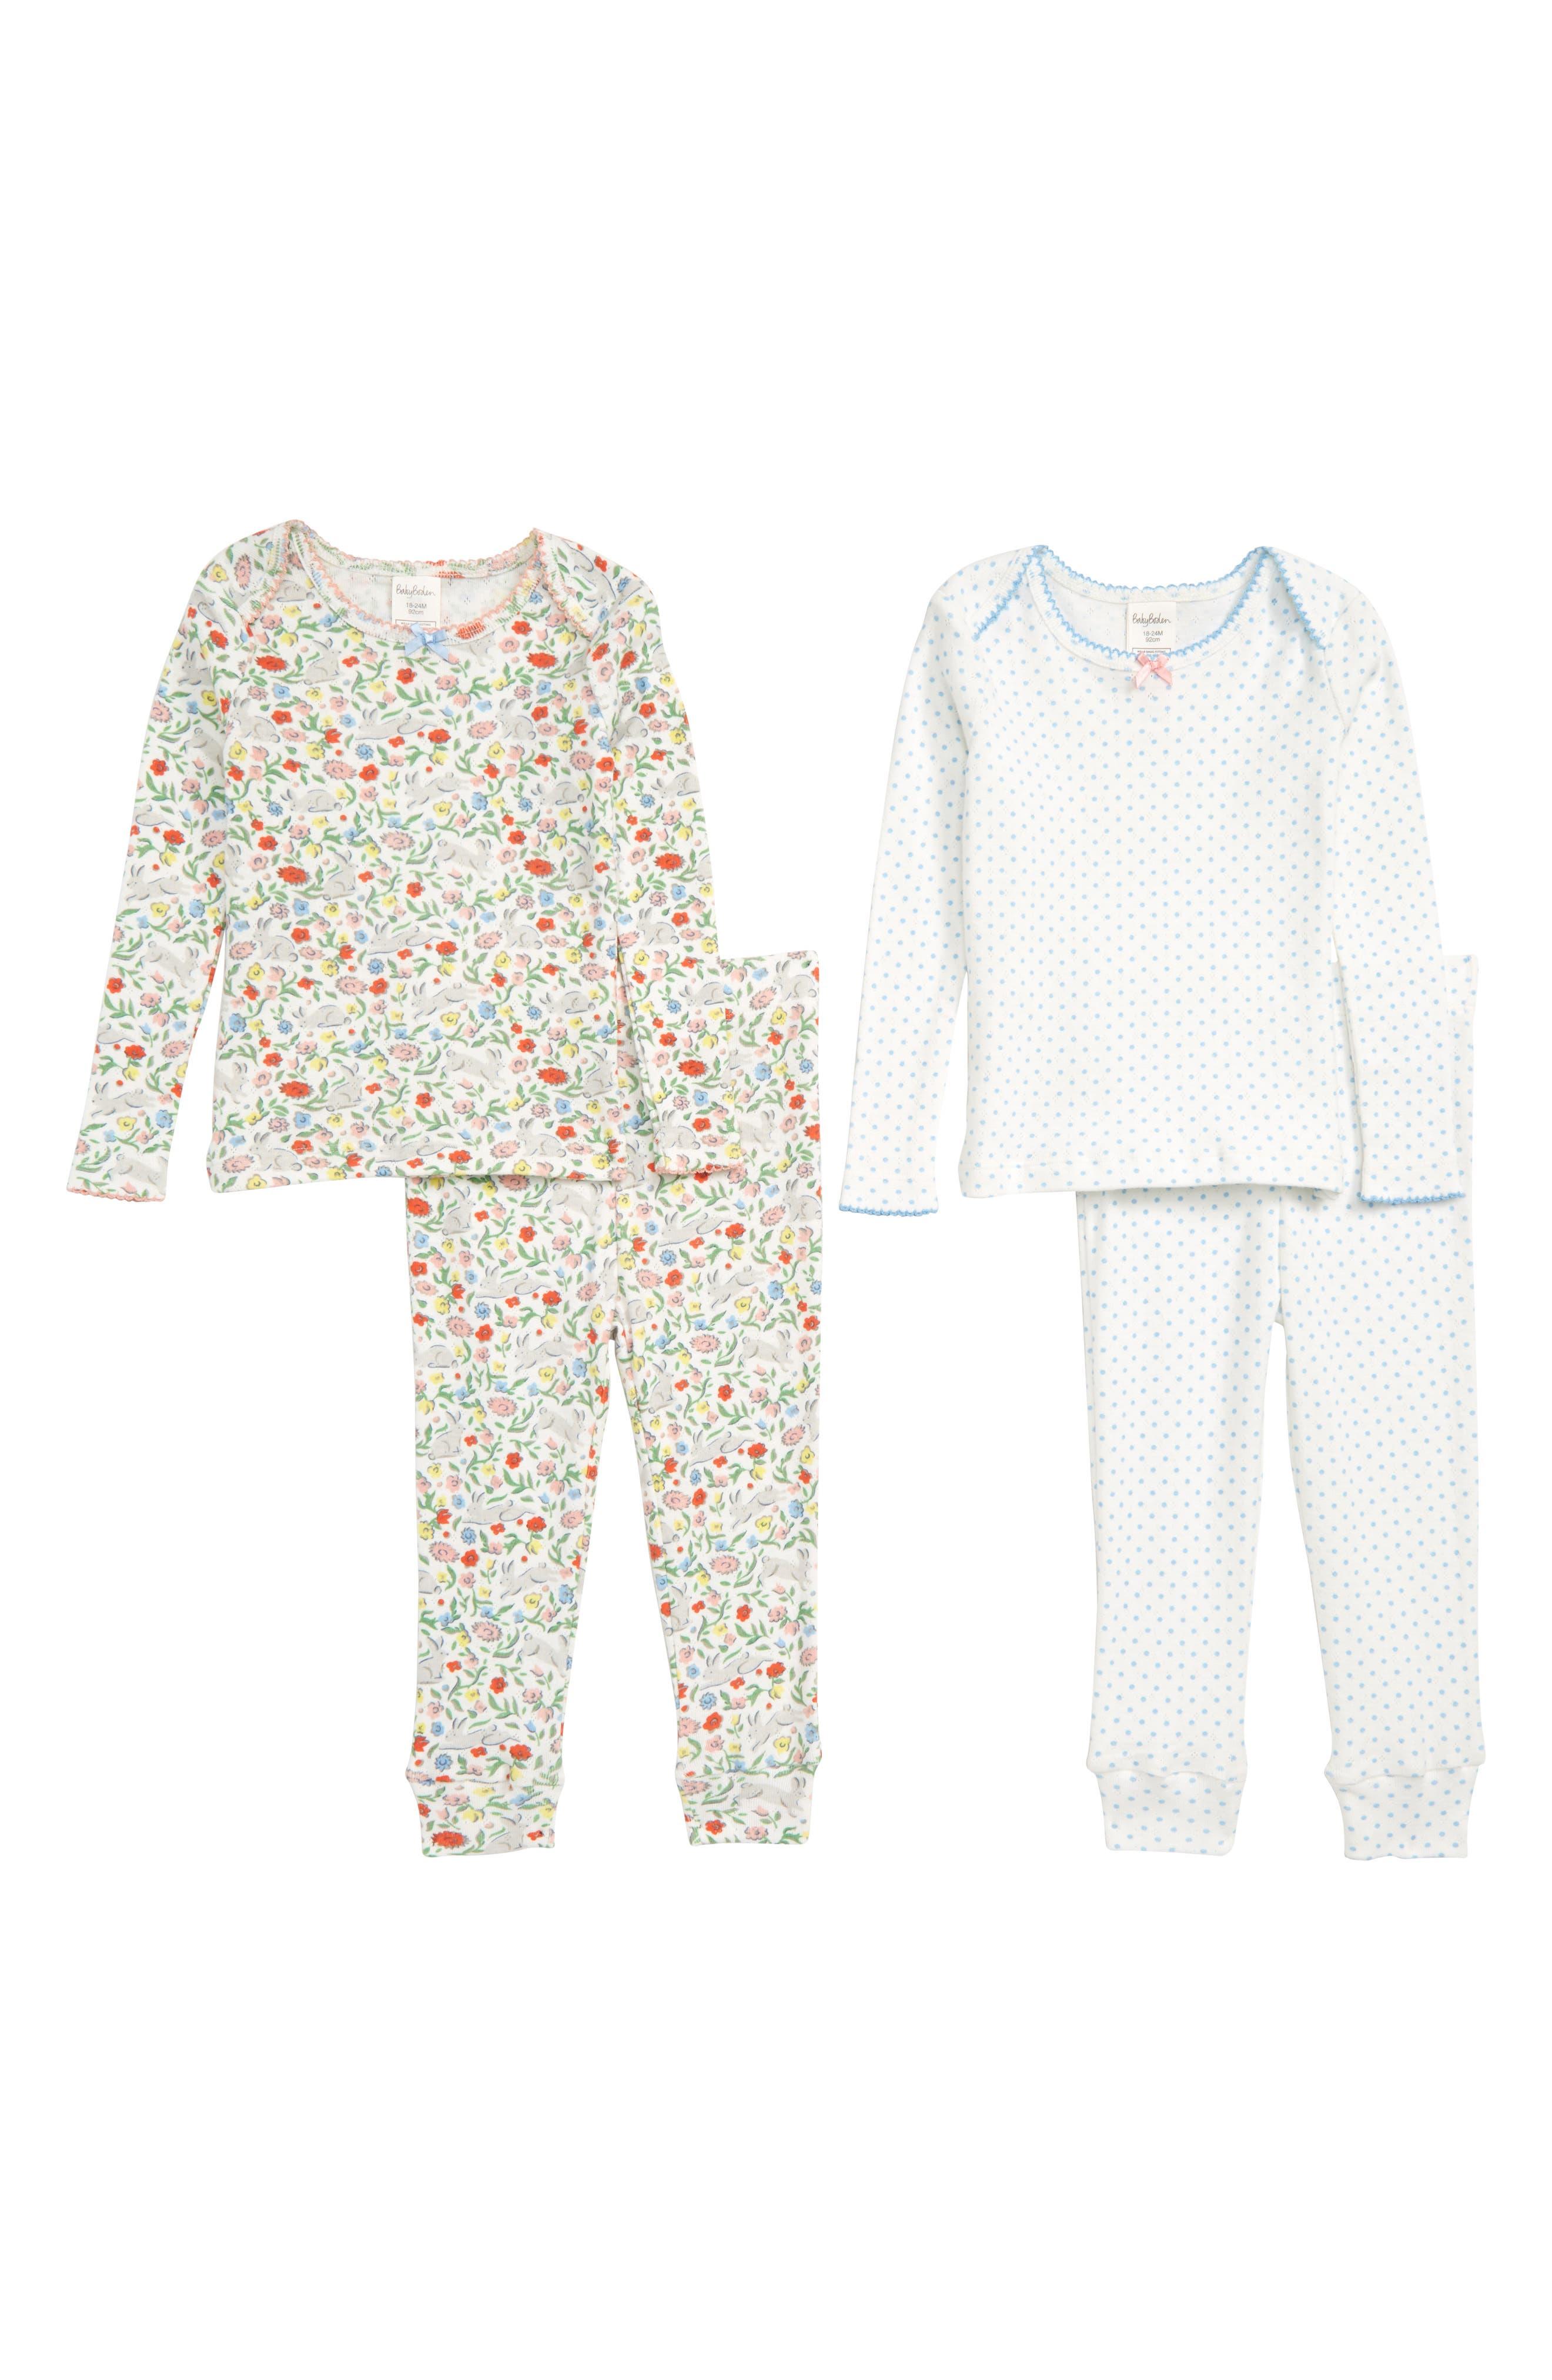 MINI BODEN Cozy Pointelle Tops & Pants Set, Main, color, WILD BUNNIES